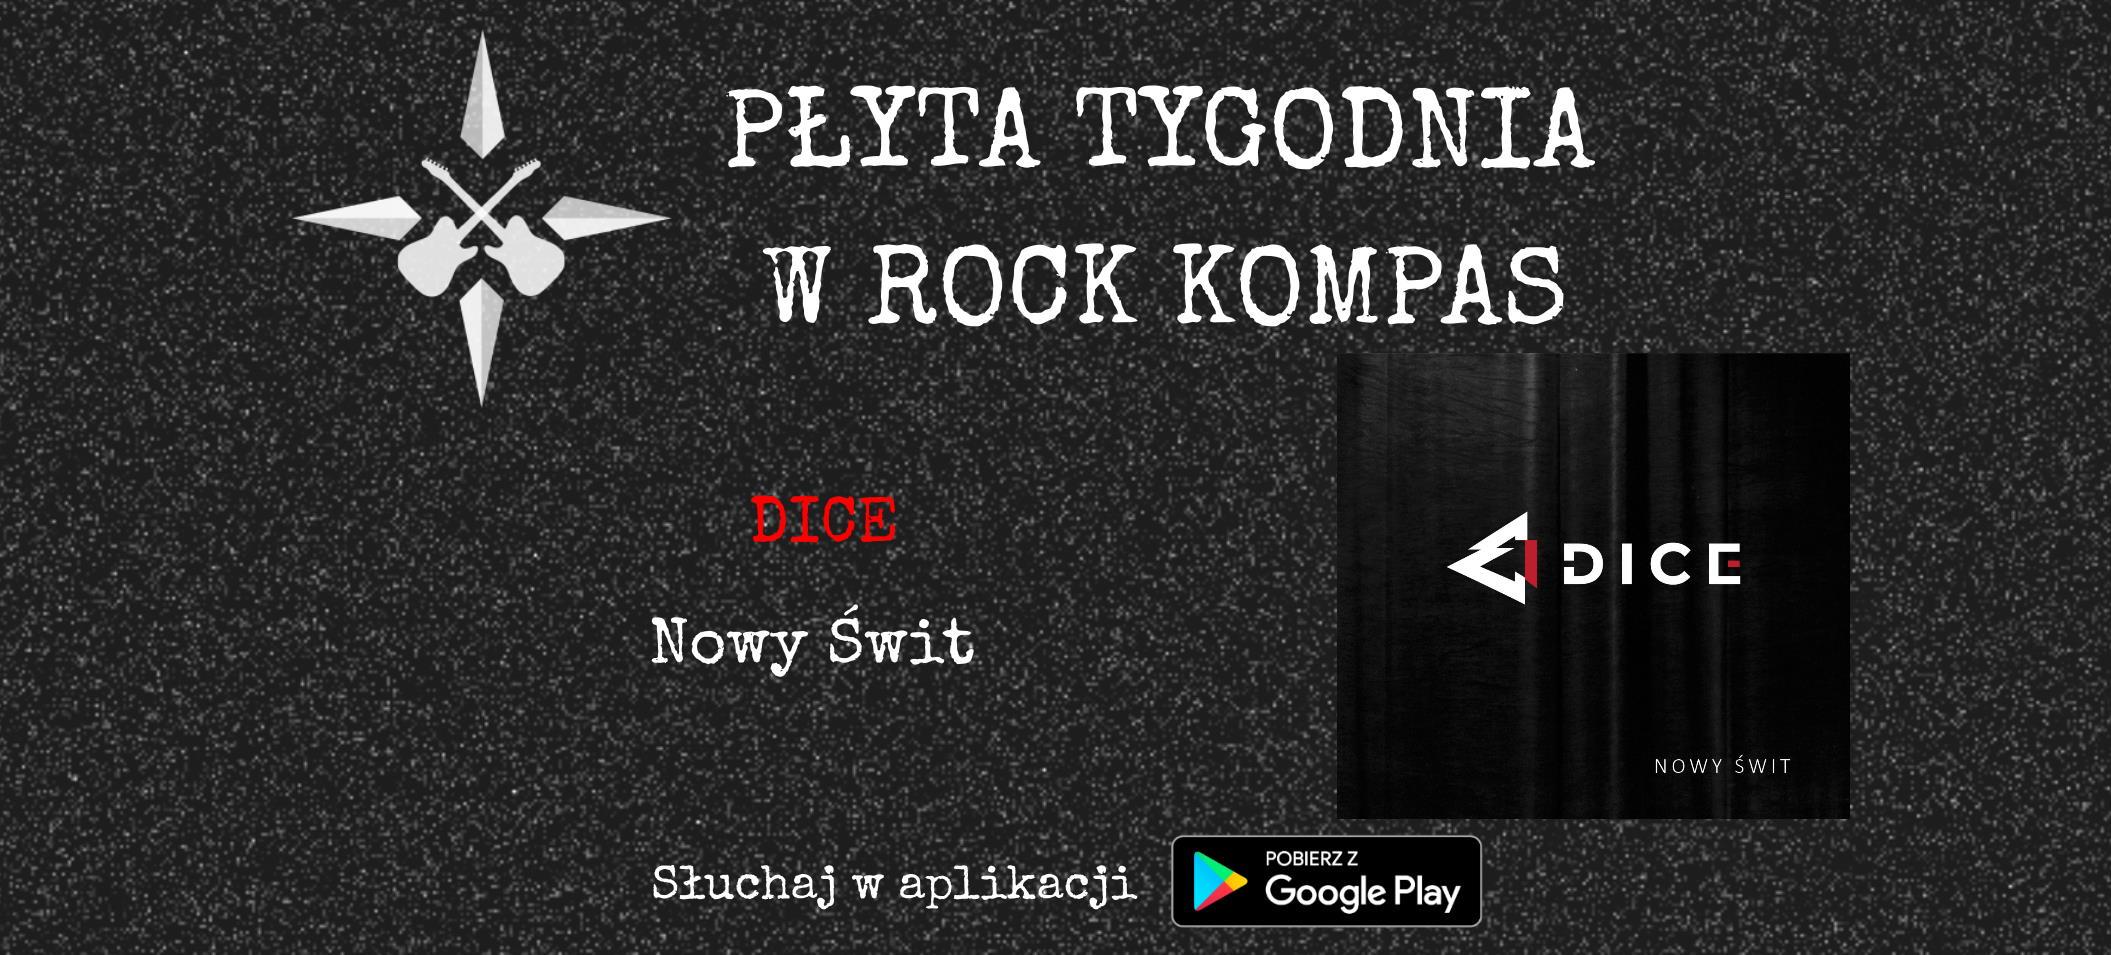 Płyta tygodnia w Rock Kompas: Dice - Nowy Świt